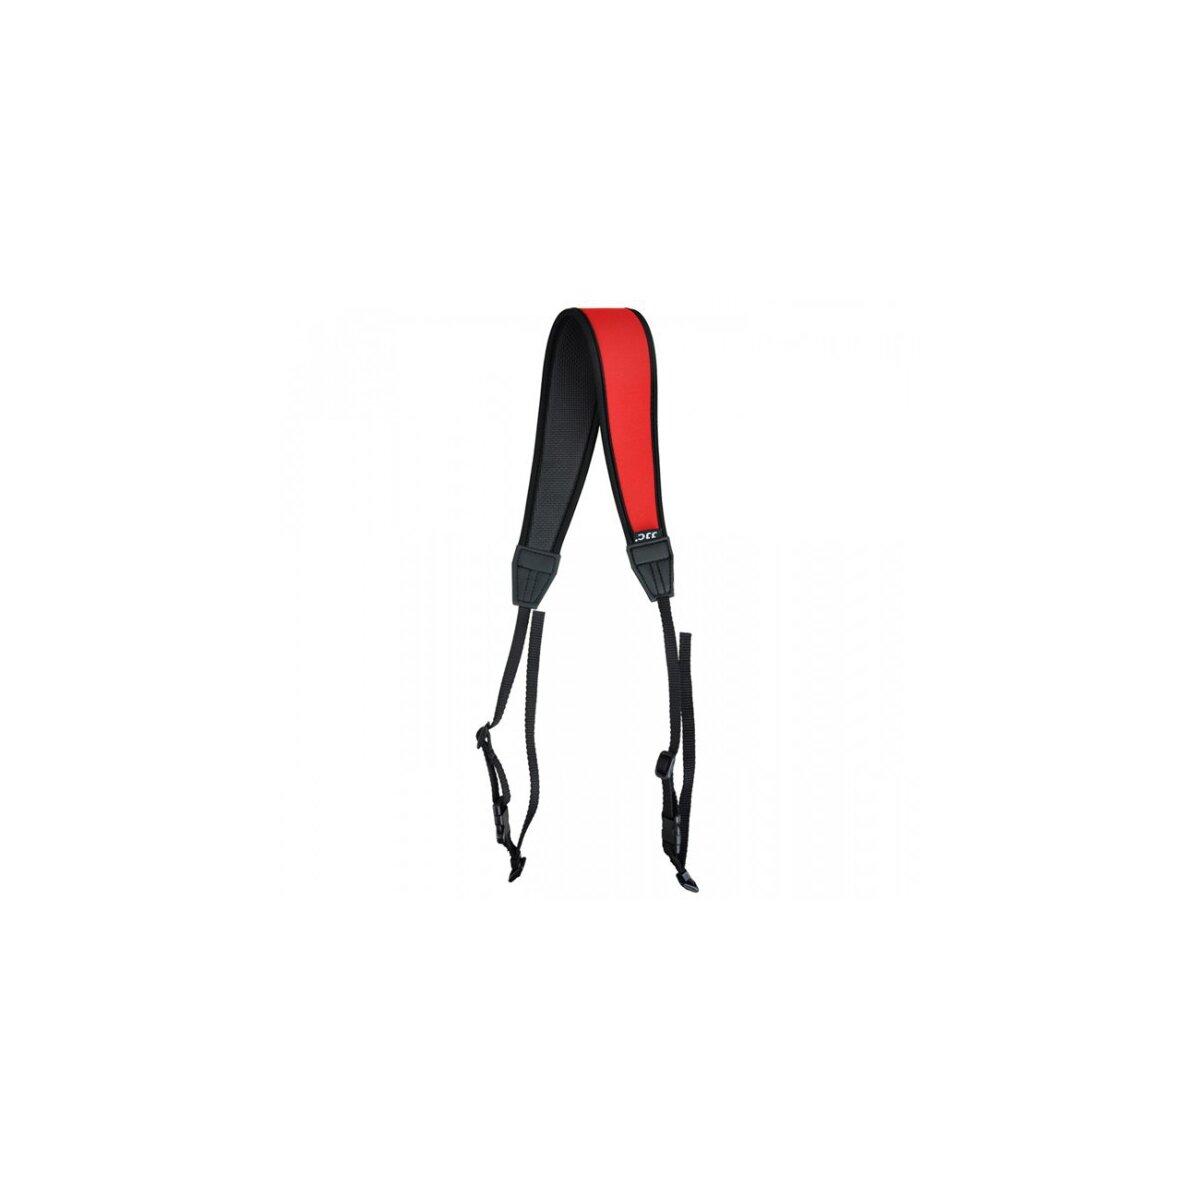 Hochwertiger Neopren-Kameragurt Schulterriemen mit Schnellverschluss-System in Rot